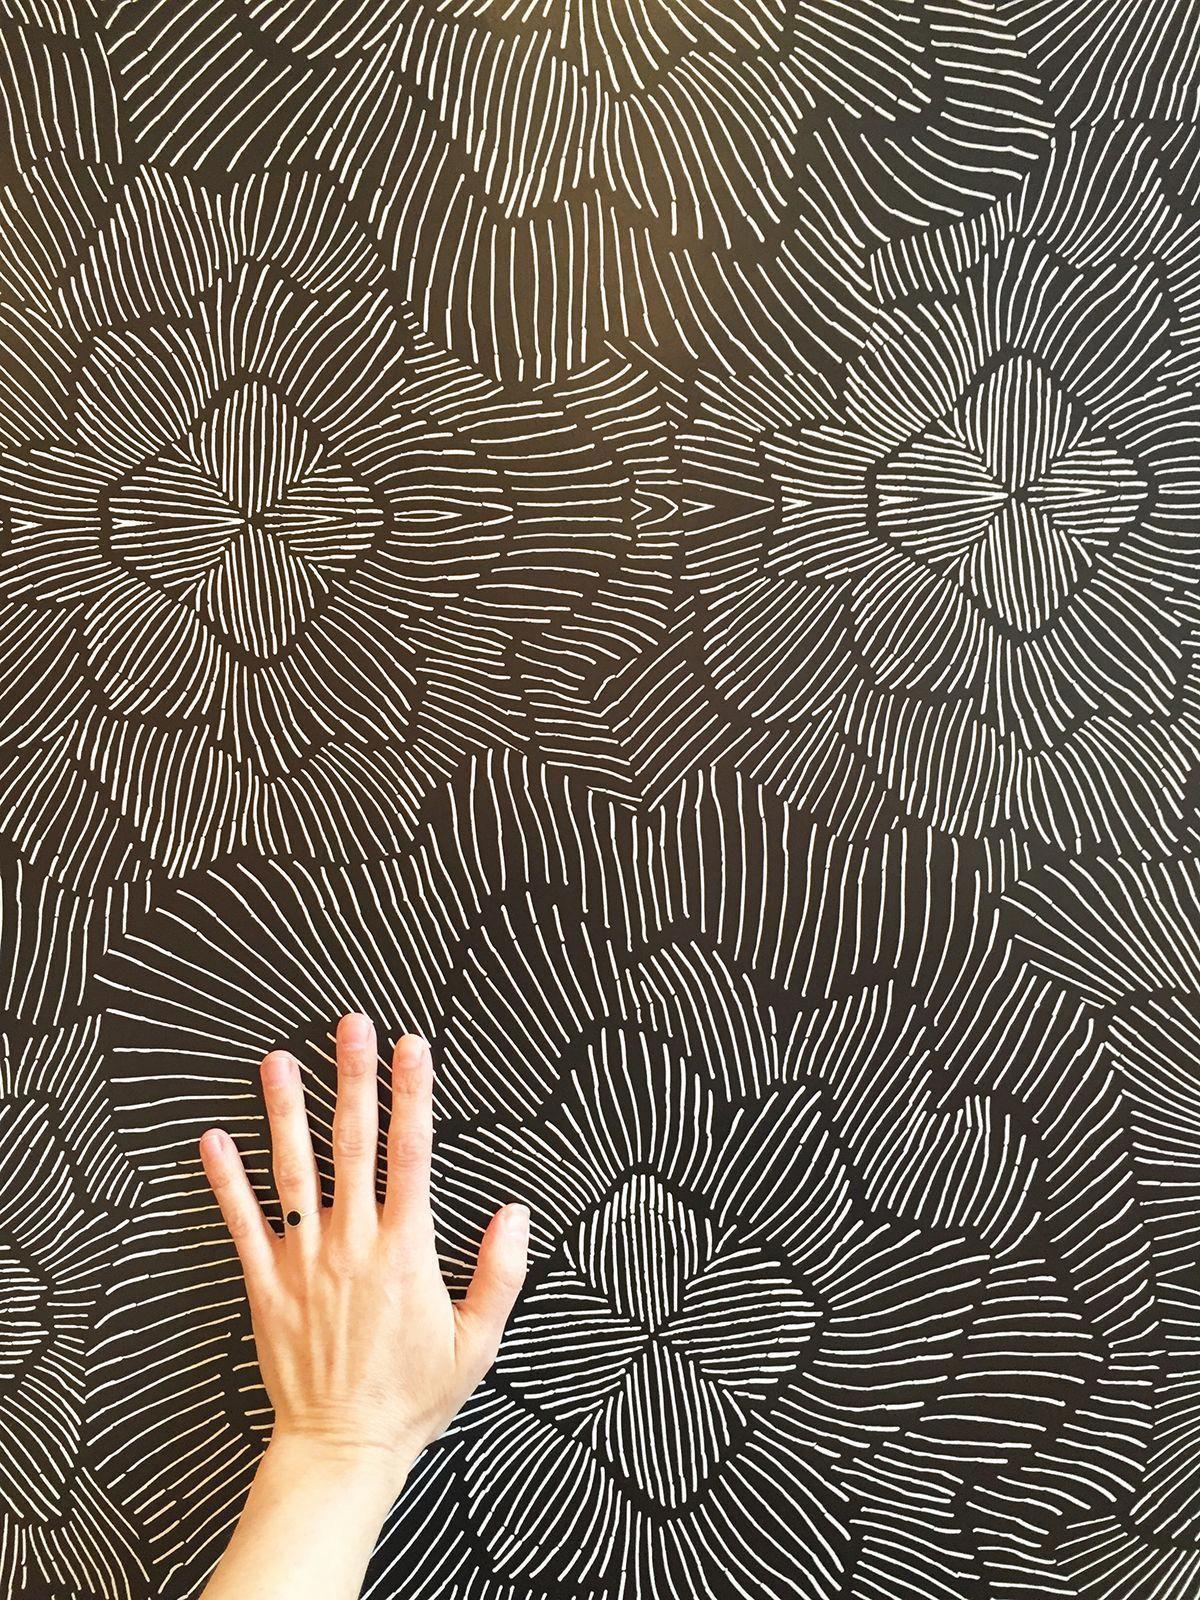 Pinstripe Floral Noir Wallpaper — KATE ZAREMBA COMPANY